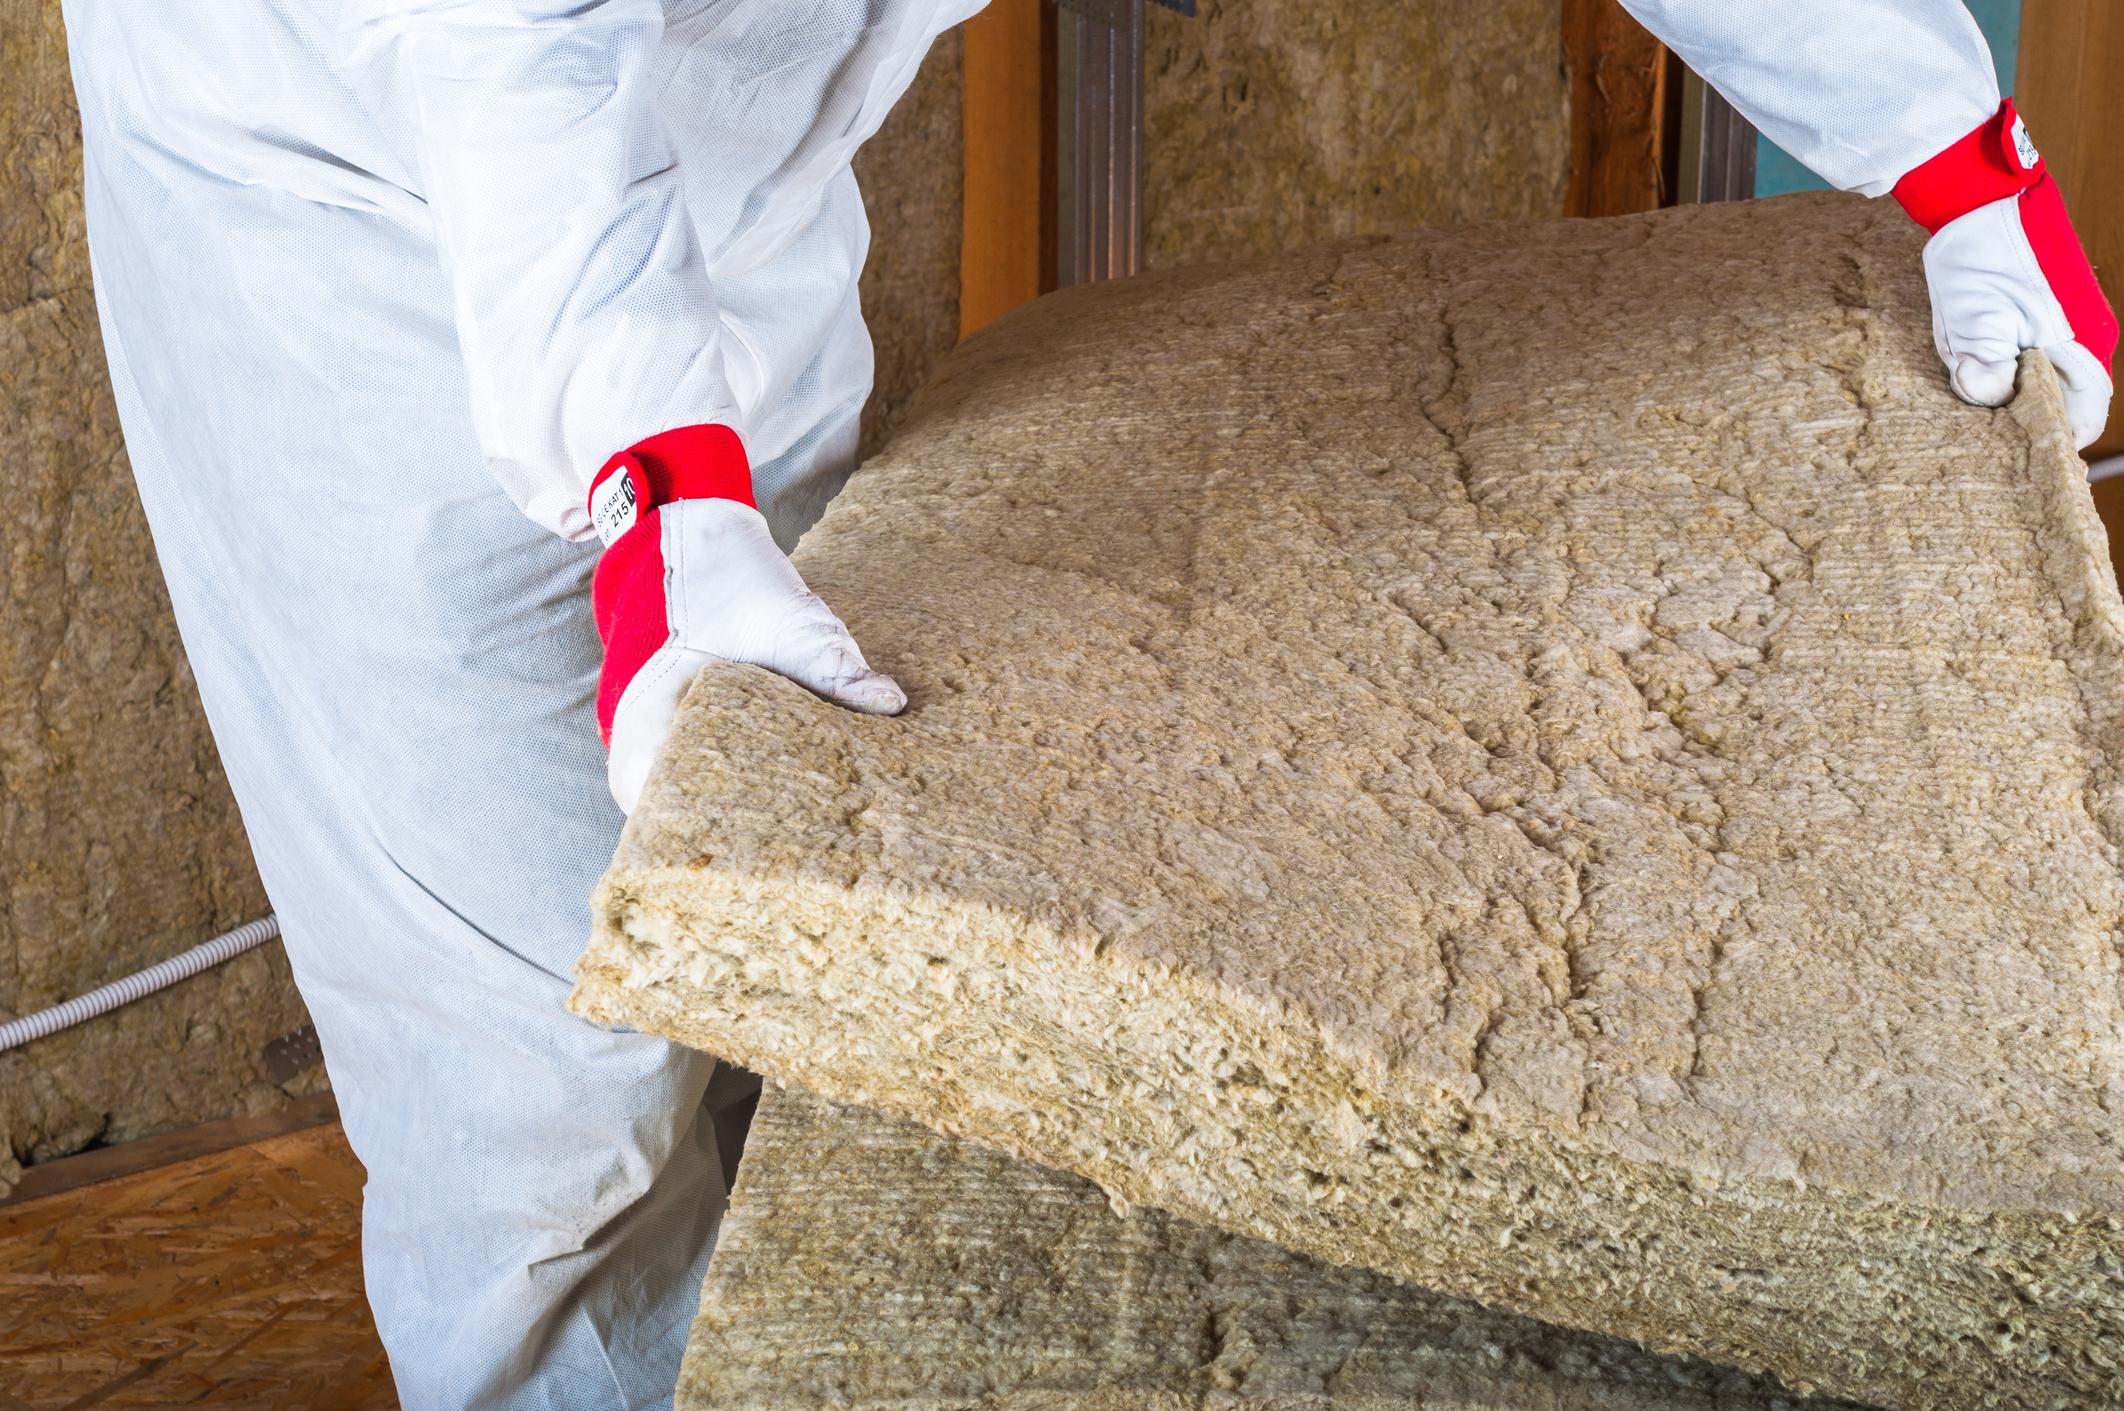 Рекомендации специалистов по работе с минераловатным утеплителем. резка минеральной ваты, чем и как резать минеральную вату в рулоне и плитах чем резать утеплитель из минеральной ваты